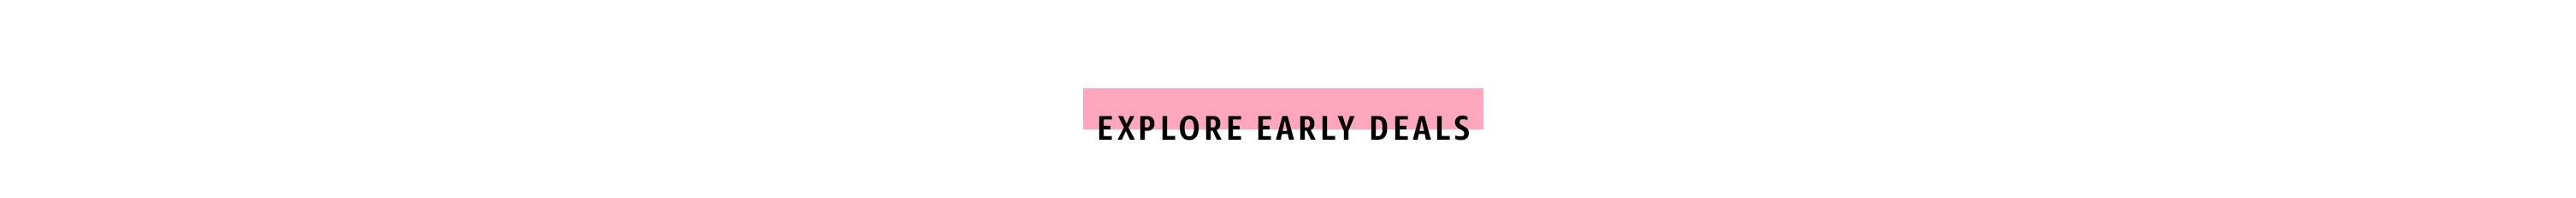 Explore early deals